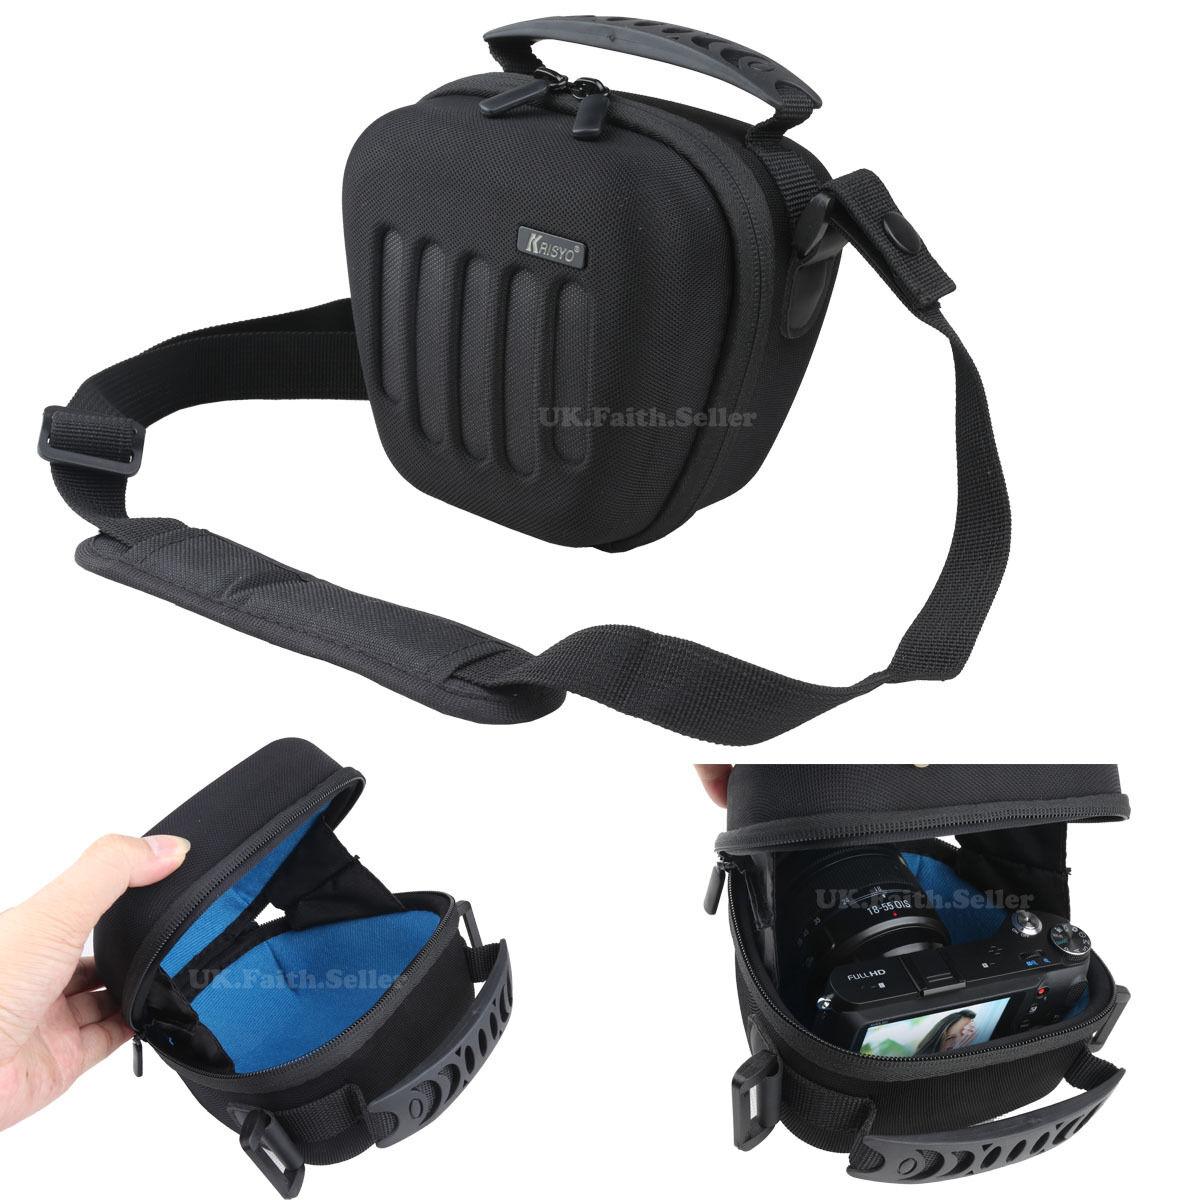 Heavy-duty EVA Hard Shoulder Camera Case Bag 4 SONY Cyber-shot DSC HX400 HX400V